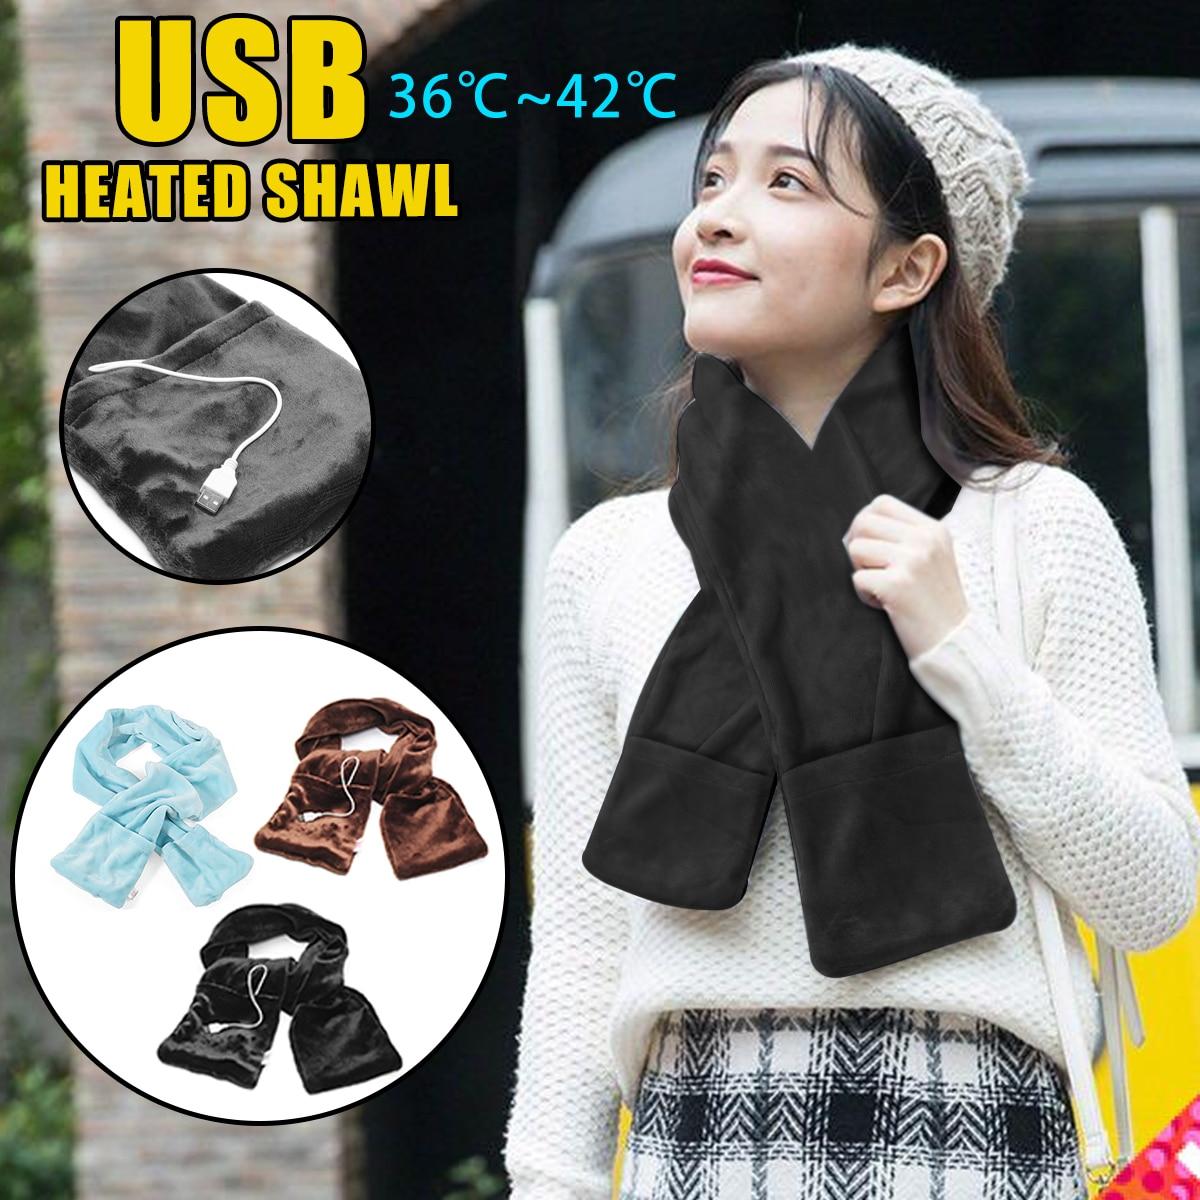 Electric Heated Shawl Mobile Heating Scarf Winter Warming Neck Hand Portable USB Powered Soft Ourdoor Indoor Car Home 18x148cm 2018 women scarf muslim hijab scarf chiffon hijab plain silk shawl scarveshead wrap muslim head scarf hijab